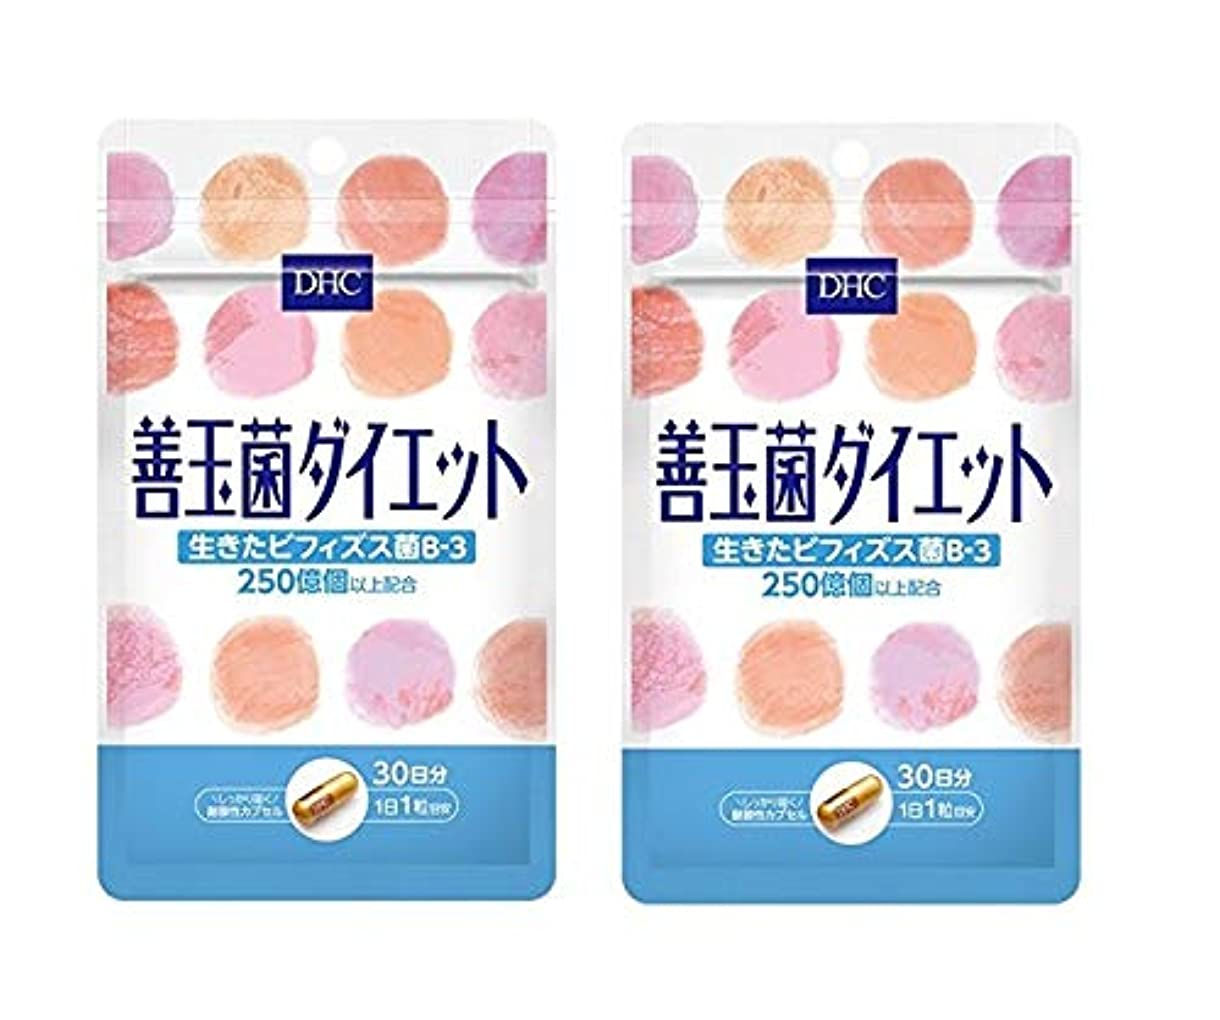 やさしく妖精グラフィック善玉菌ダイエット 30日分 2個セット